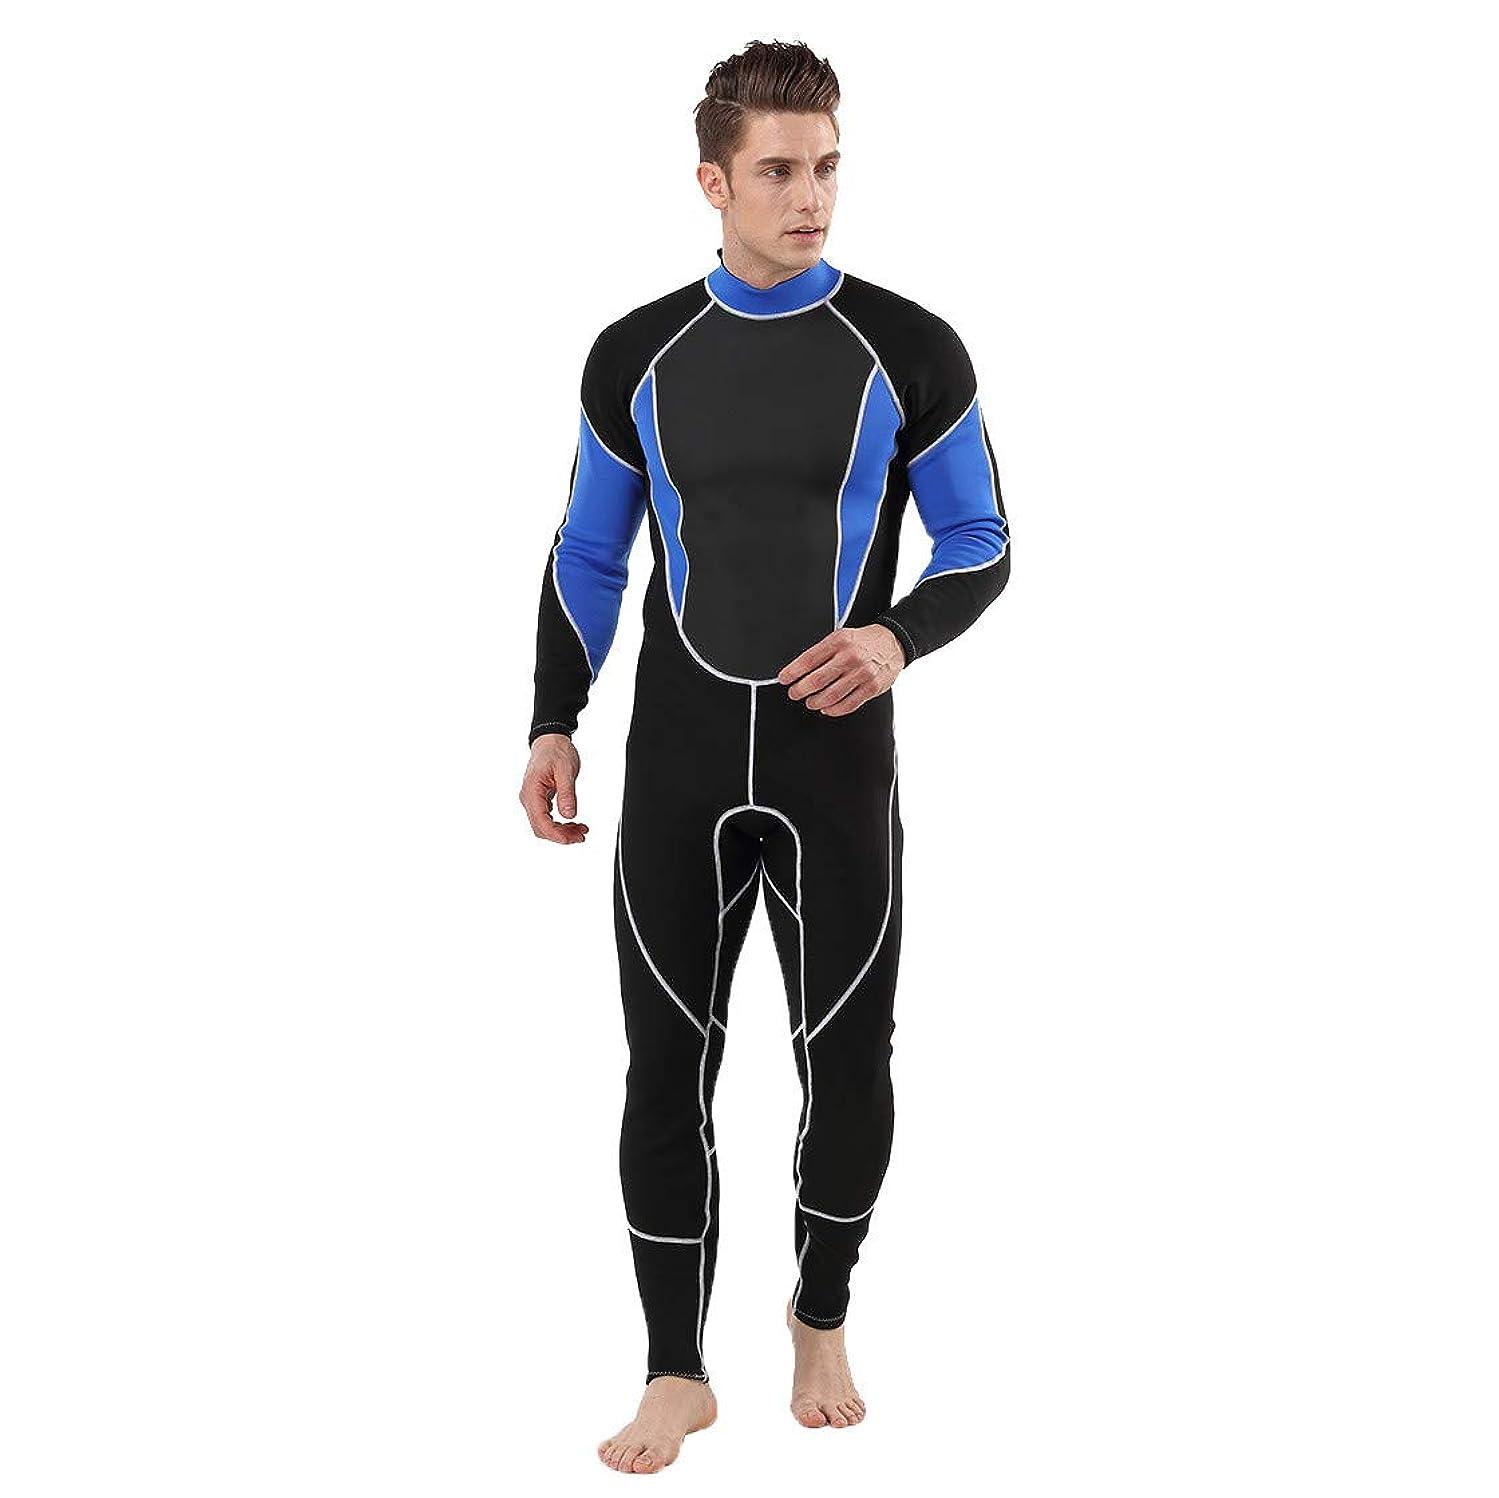 従来の本土と組むLazayyii ウェットスーツ 3mm メンズ フルスーツ ダイビングスーツ 素潜り フルスーツ バックジッパー仕様 手足首ジップ付き マリンスポーツ 保温性 (XL, ブルー)